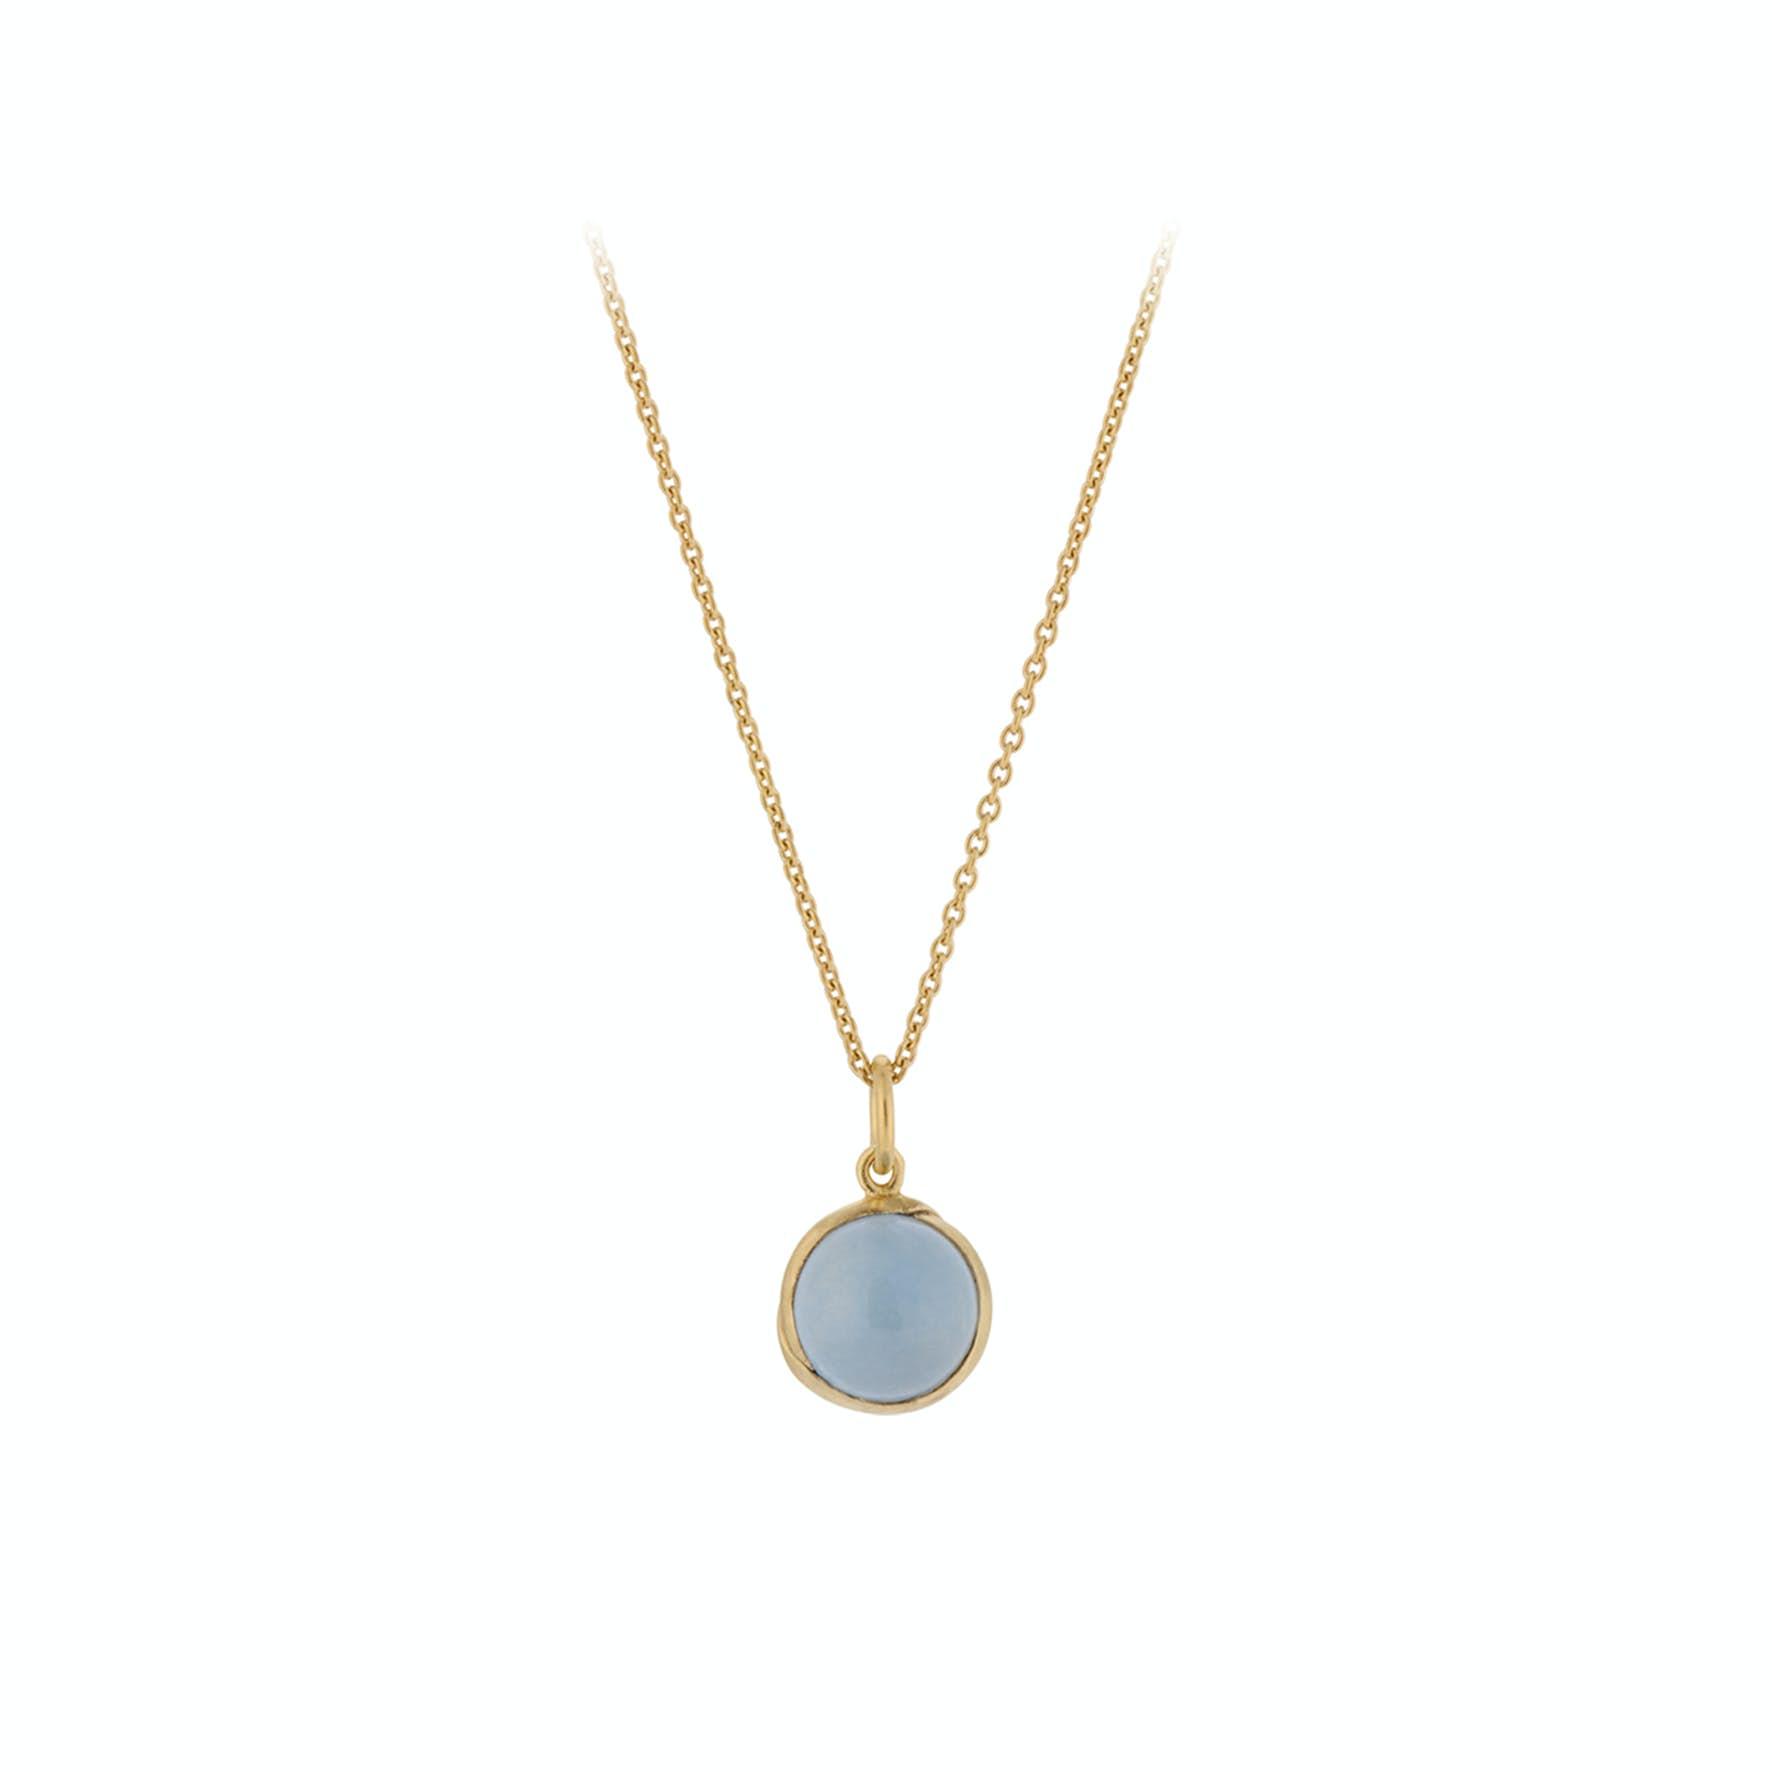 Aura Blue Necklace von Pernille Corydon in Vergoldet-Silber Sterling 925